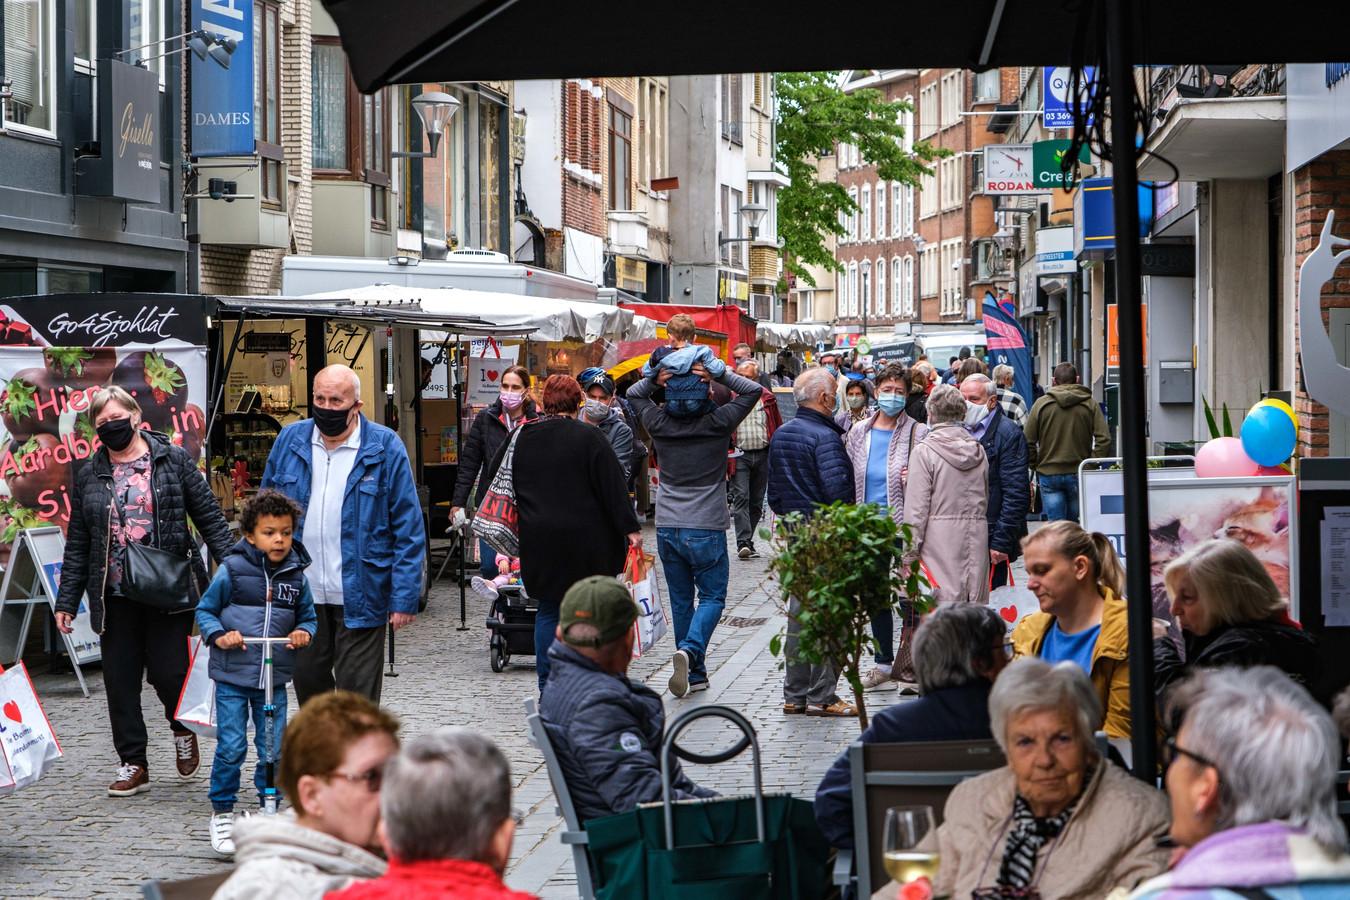 De markt bracht opnieuw animo in het centrum. Ook de terrasjes van de horeca liepen vol.